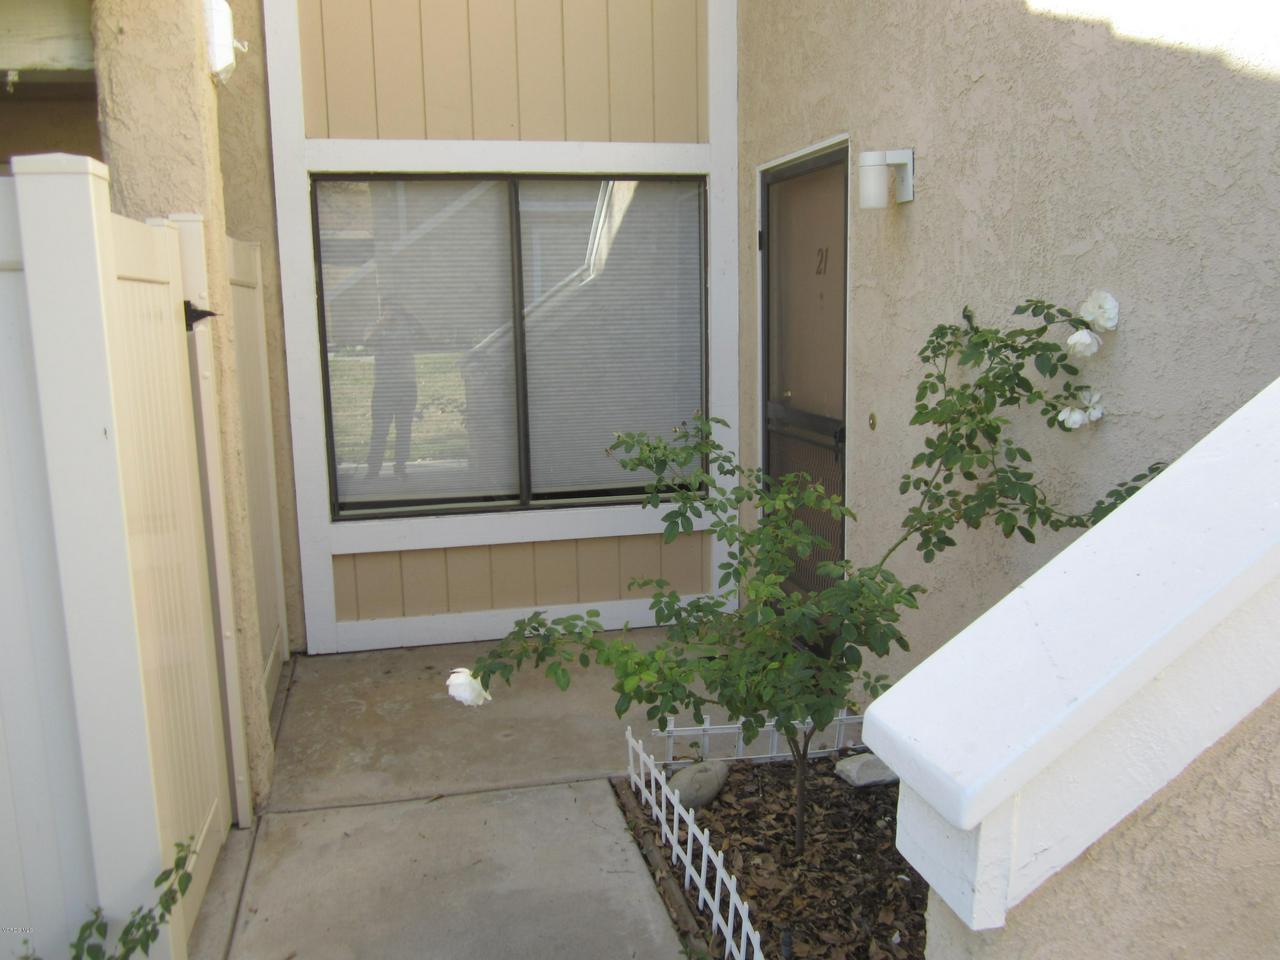 2905 DEACON, Simi Valley, CA 93065 - Curb